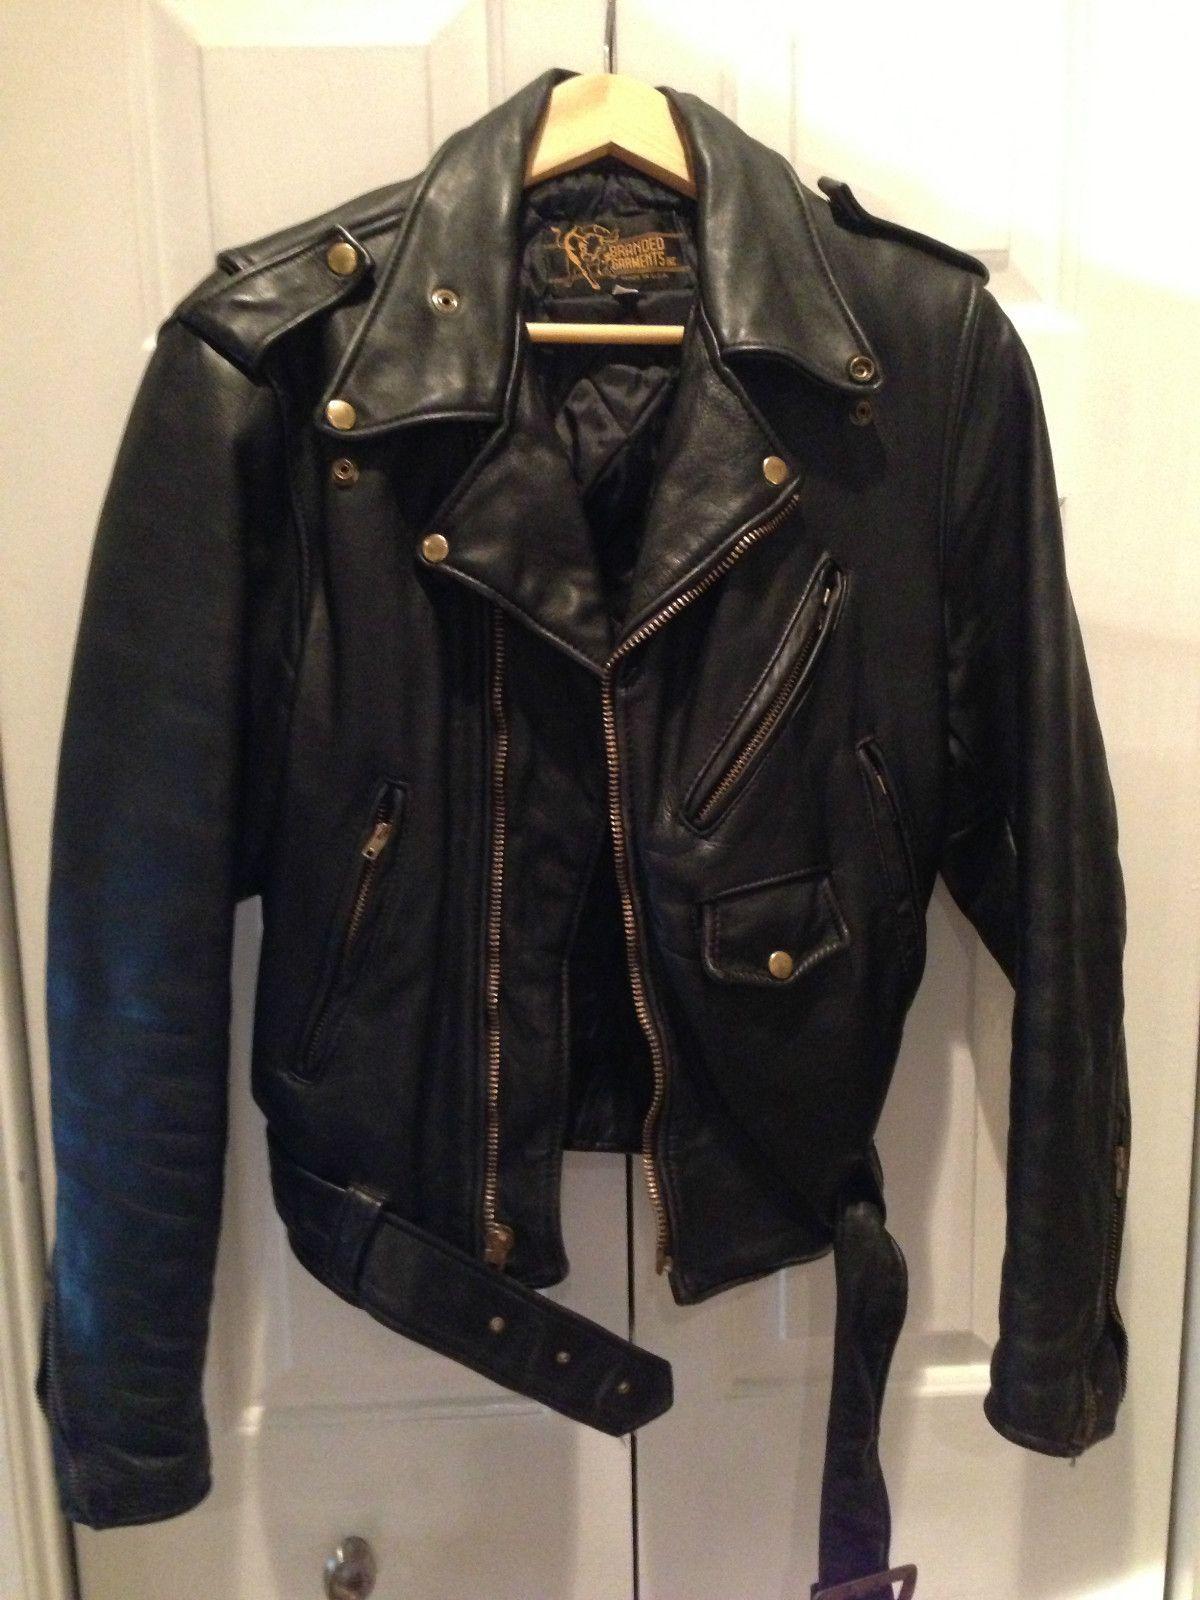 Leather Jacket Leather Jacket Men Style Leather Jacket Men Leather Jacket Style